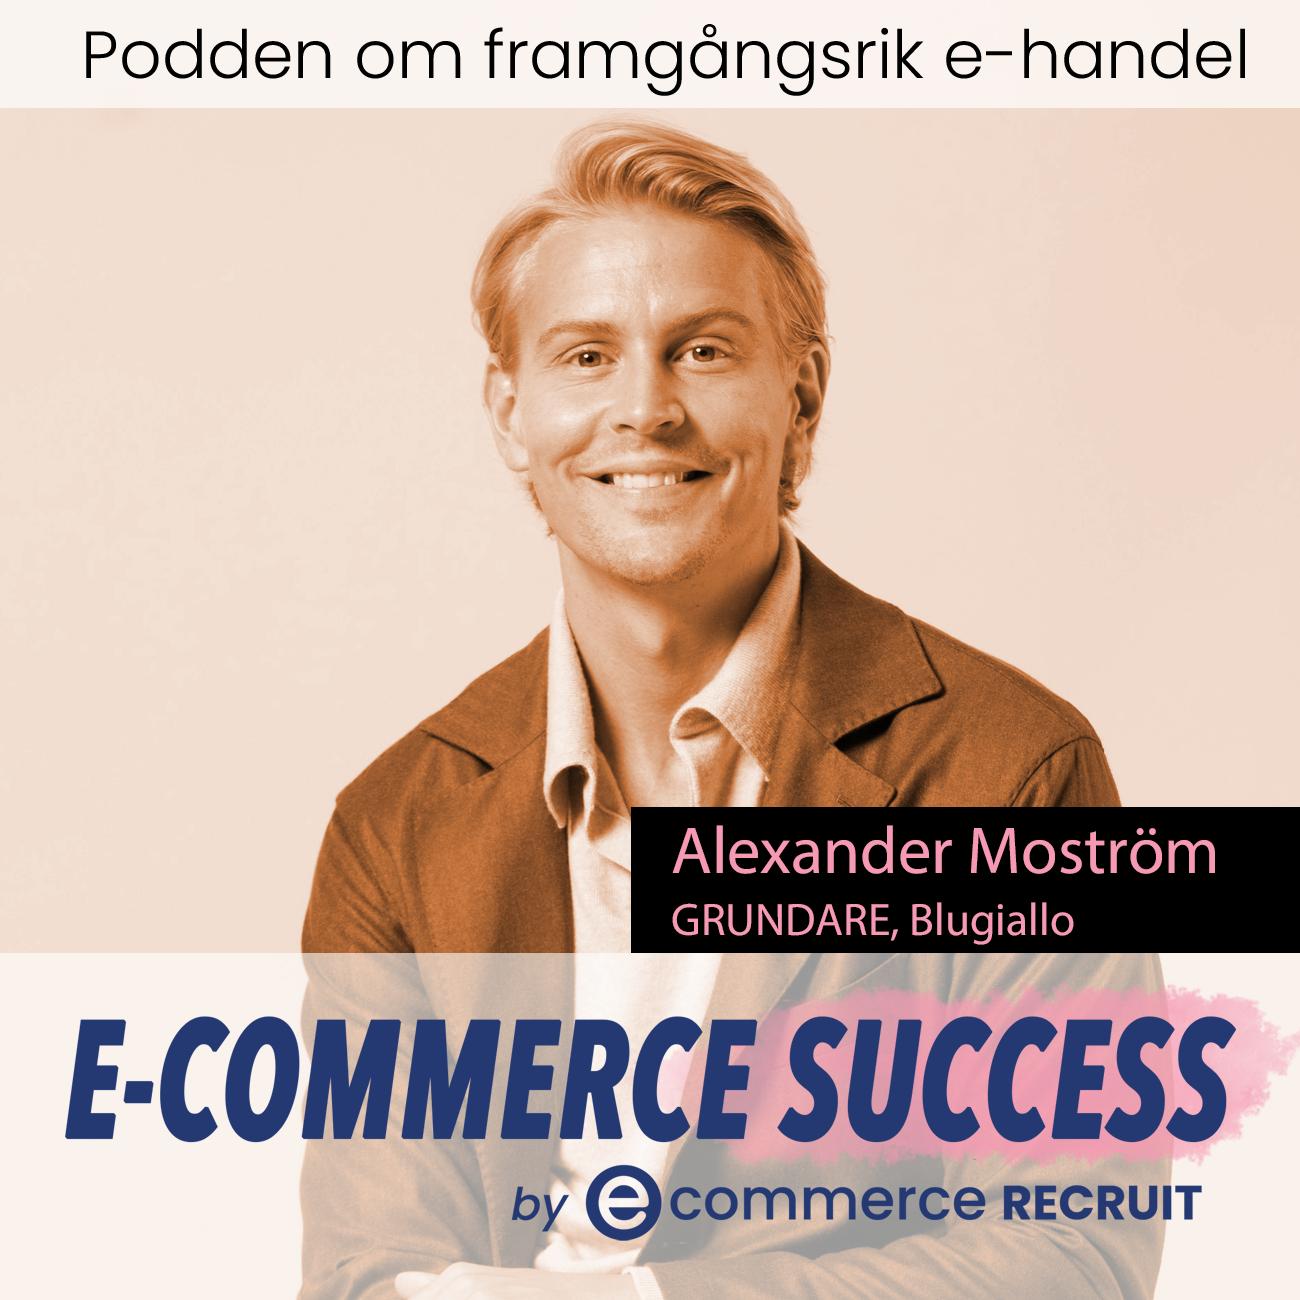 Alexander Moström, CEO och Grundare till Blugiallo